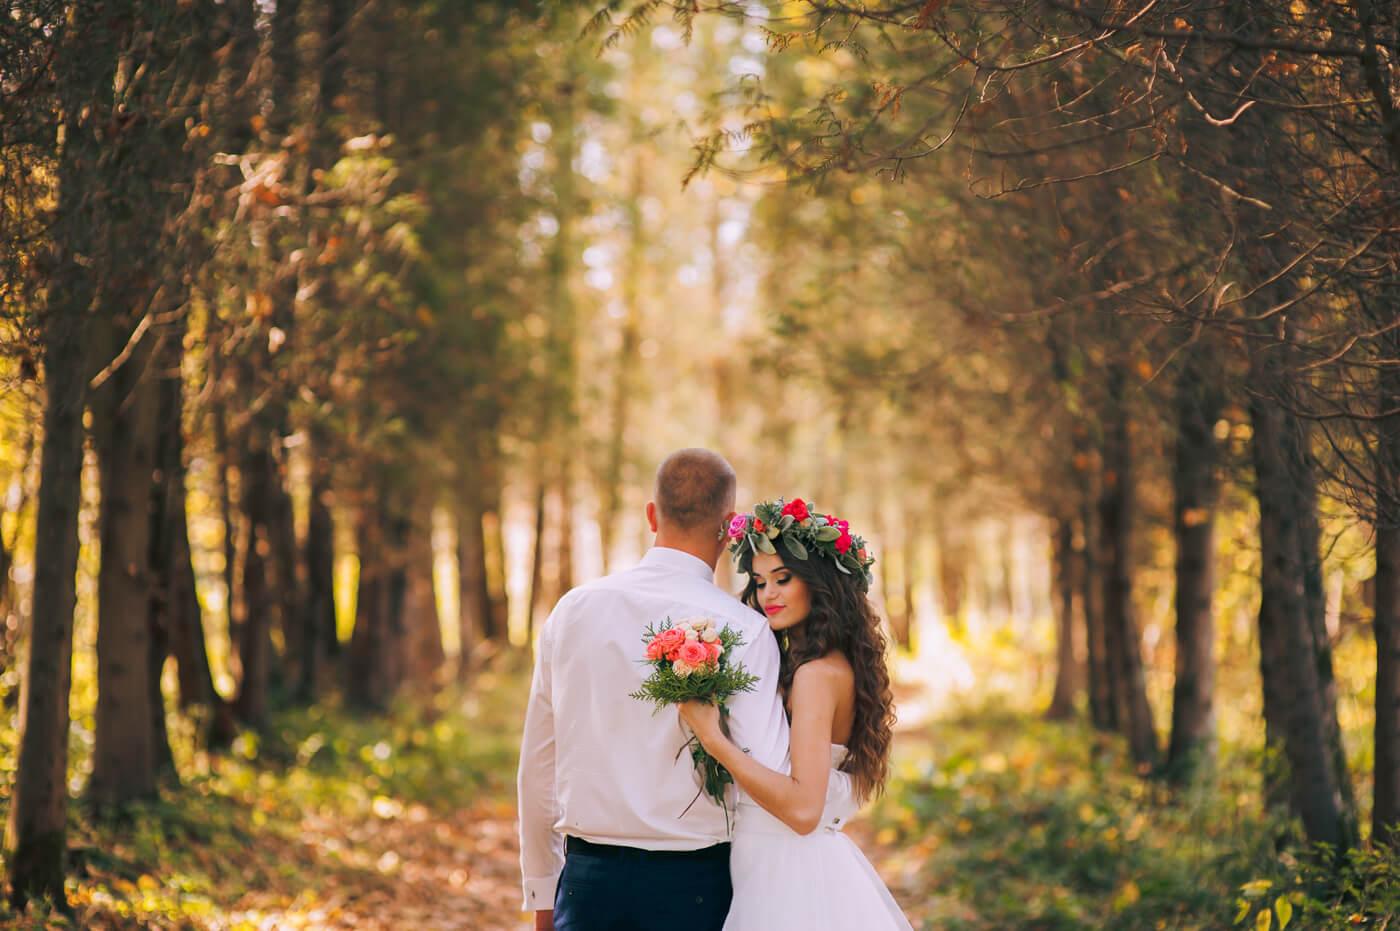 Hochzeitsfotos Wald